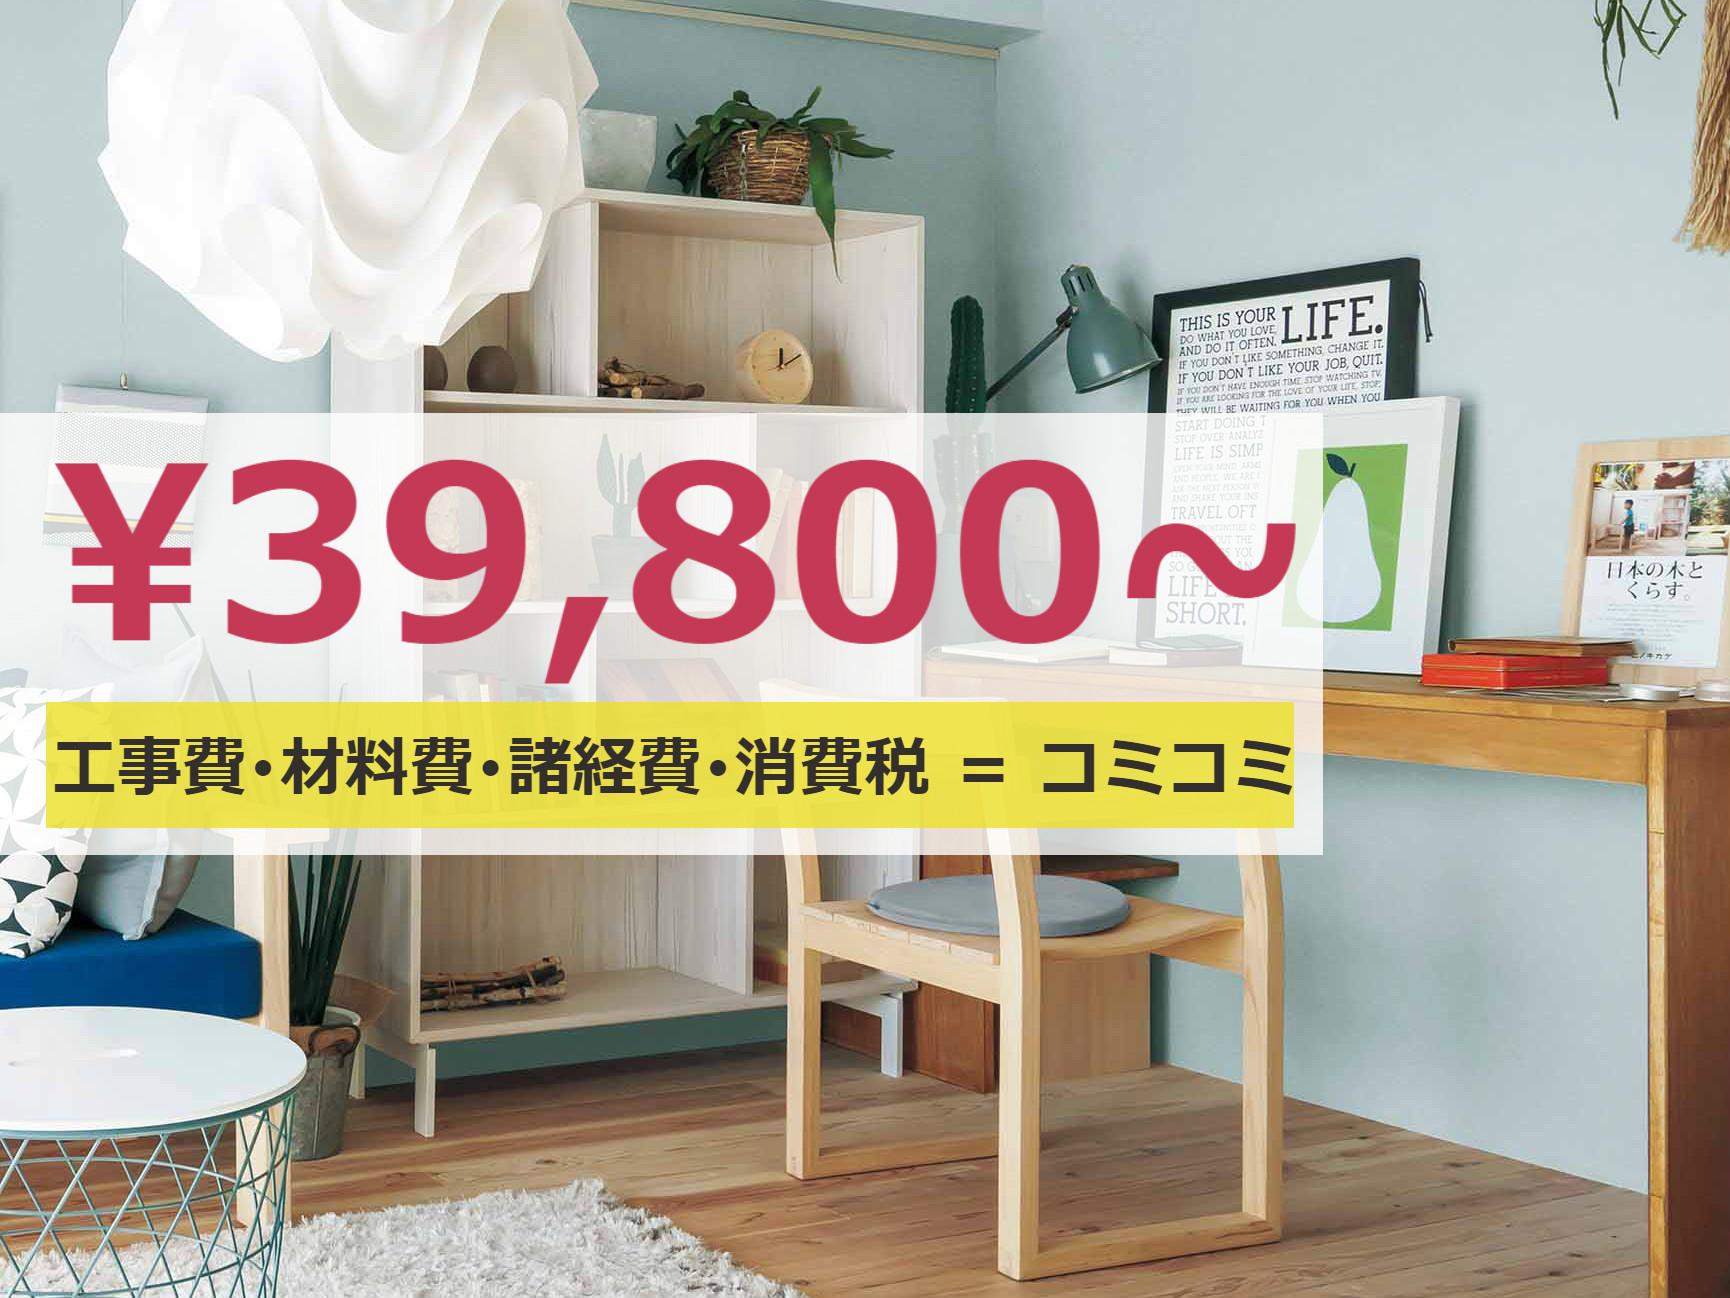 【1部屋】リビング・子供部屋・トイレetc